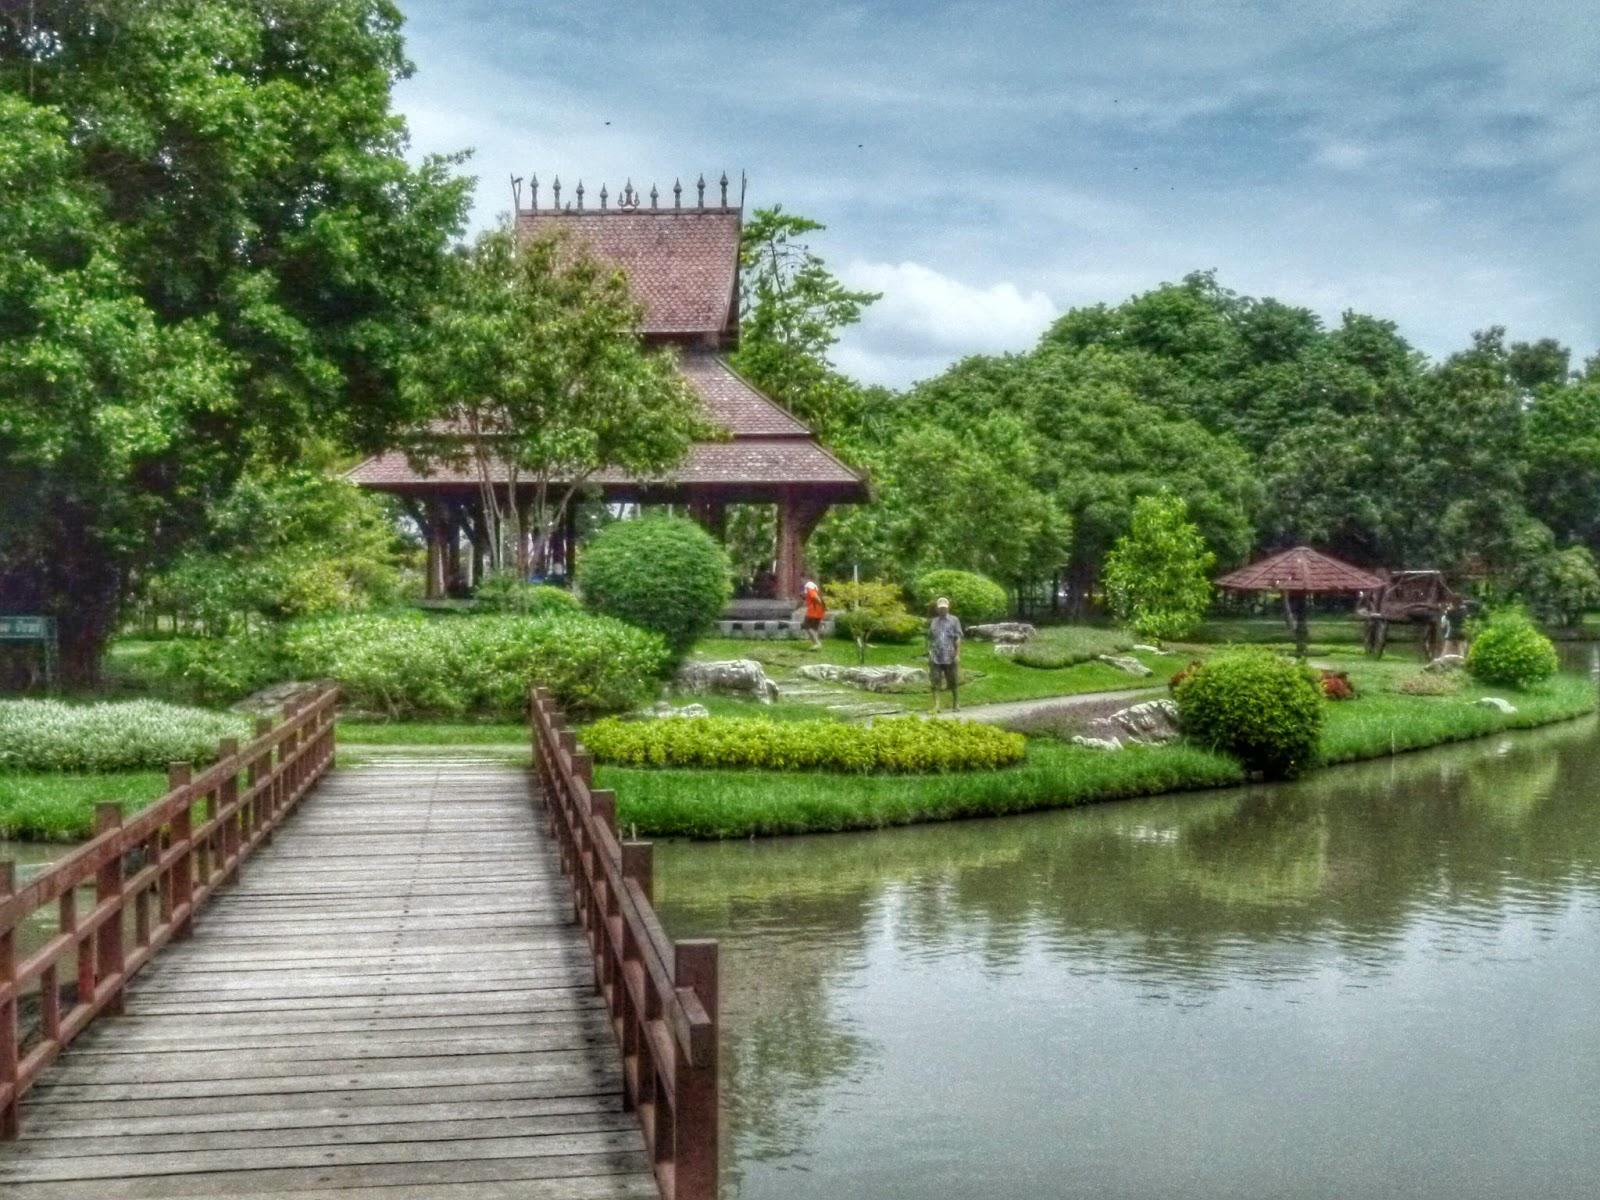 Rama IX Botanical Gardens in Bangkok